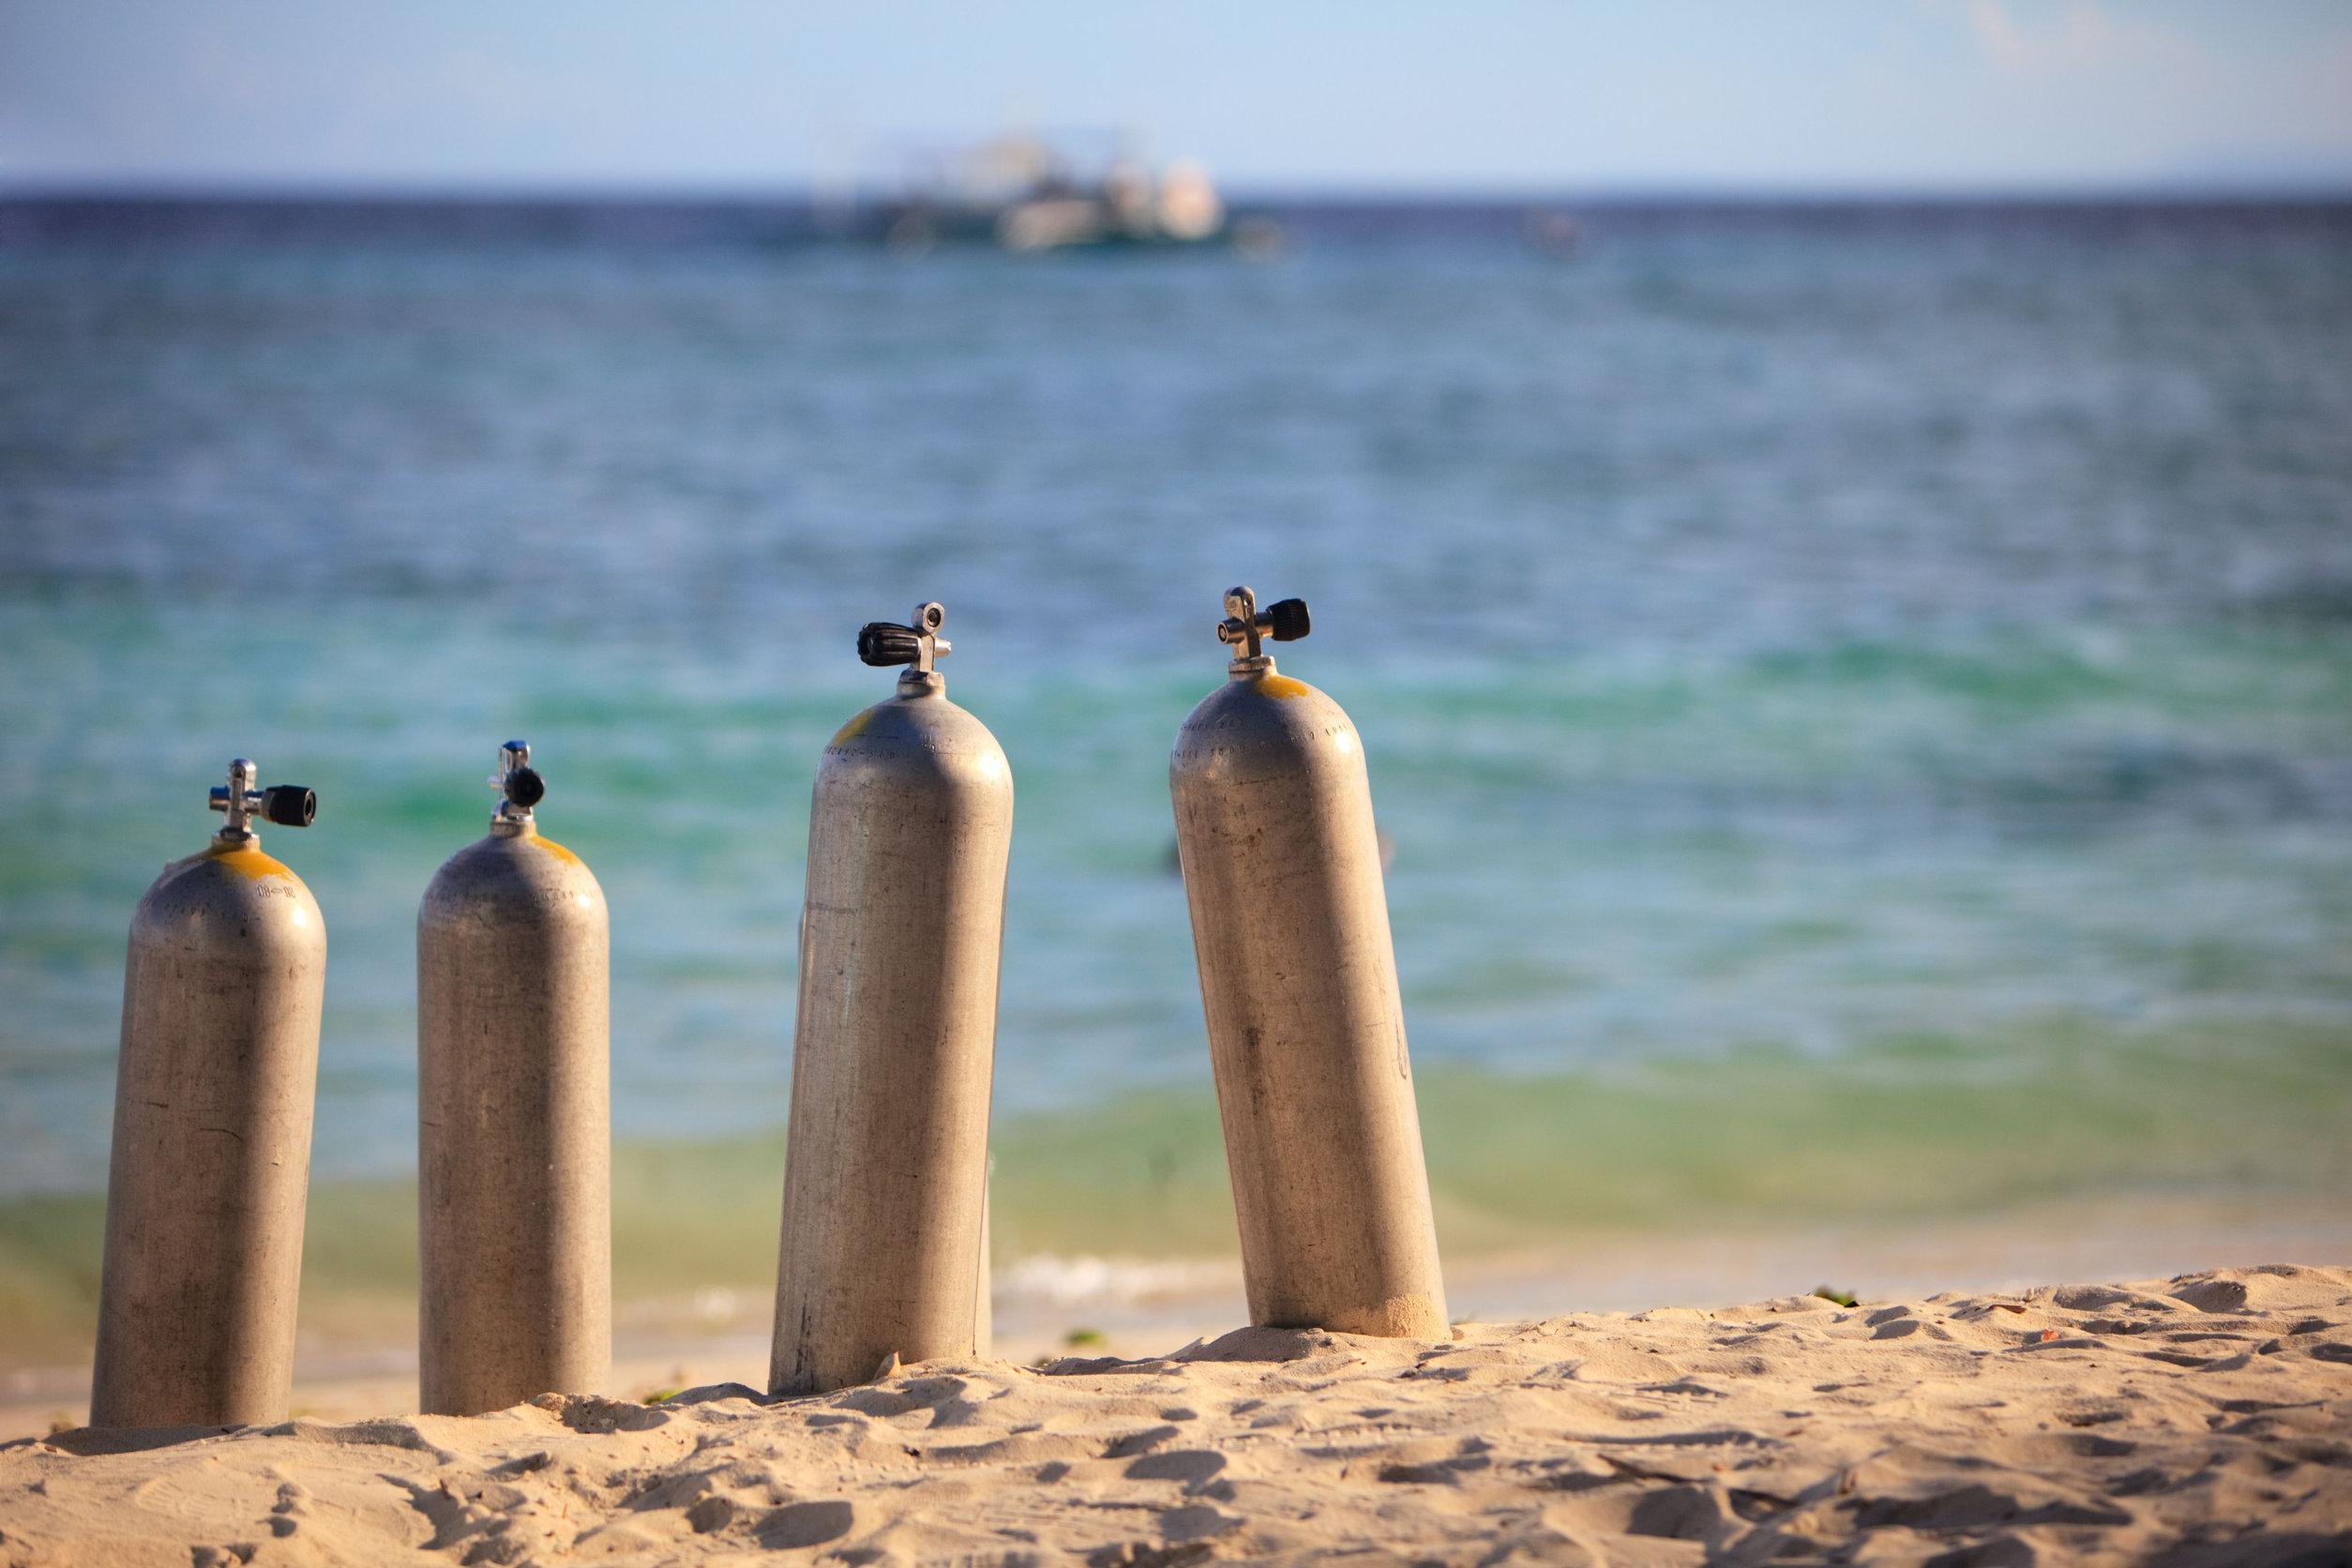 Varios tanques de aire comprimido en la arena de la playa